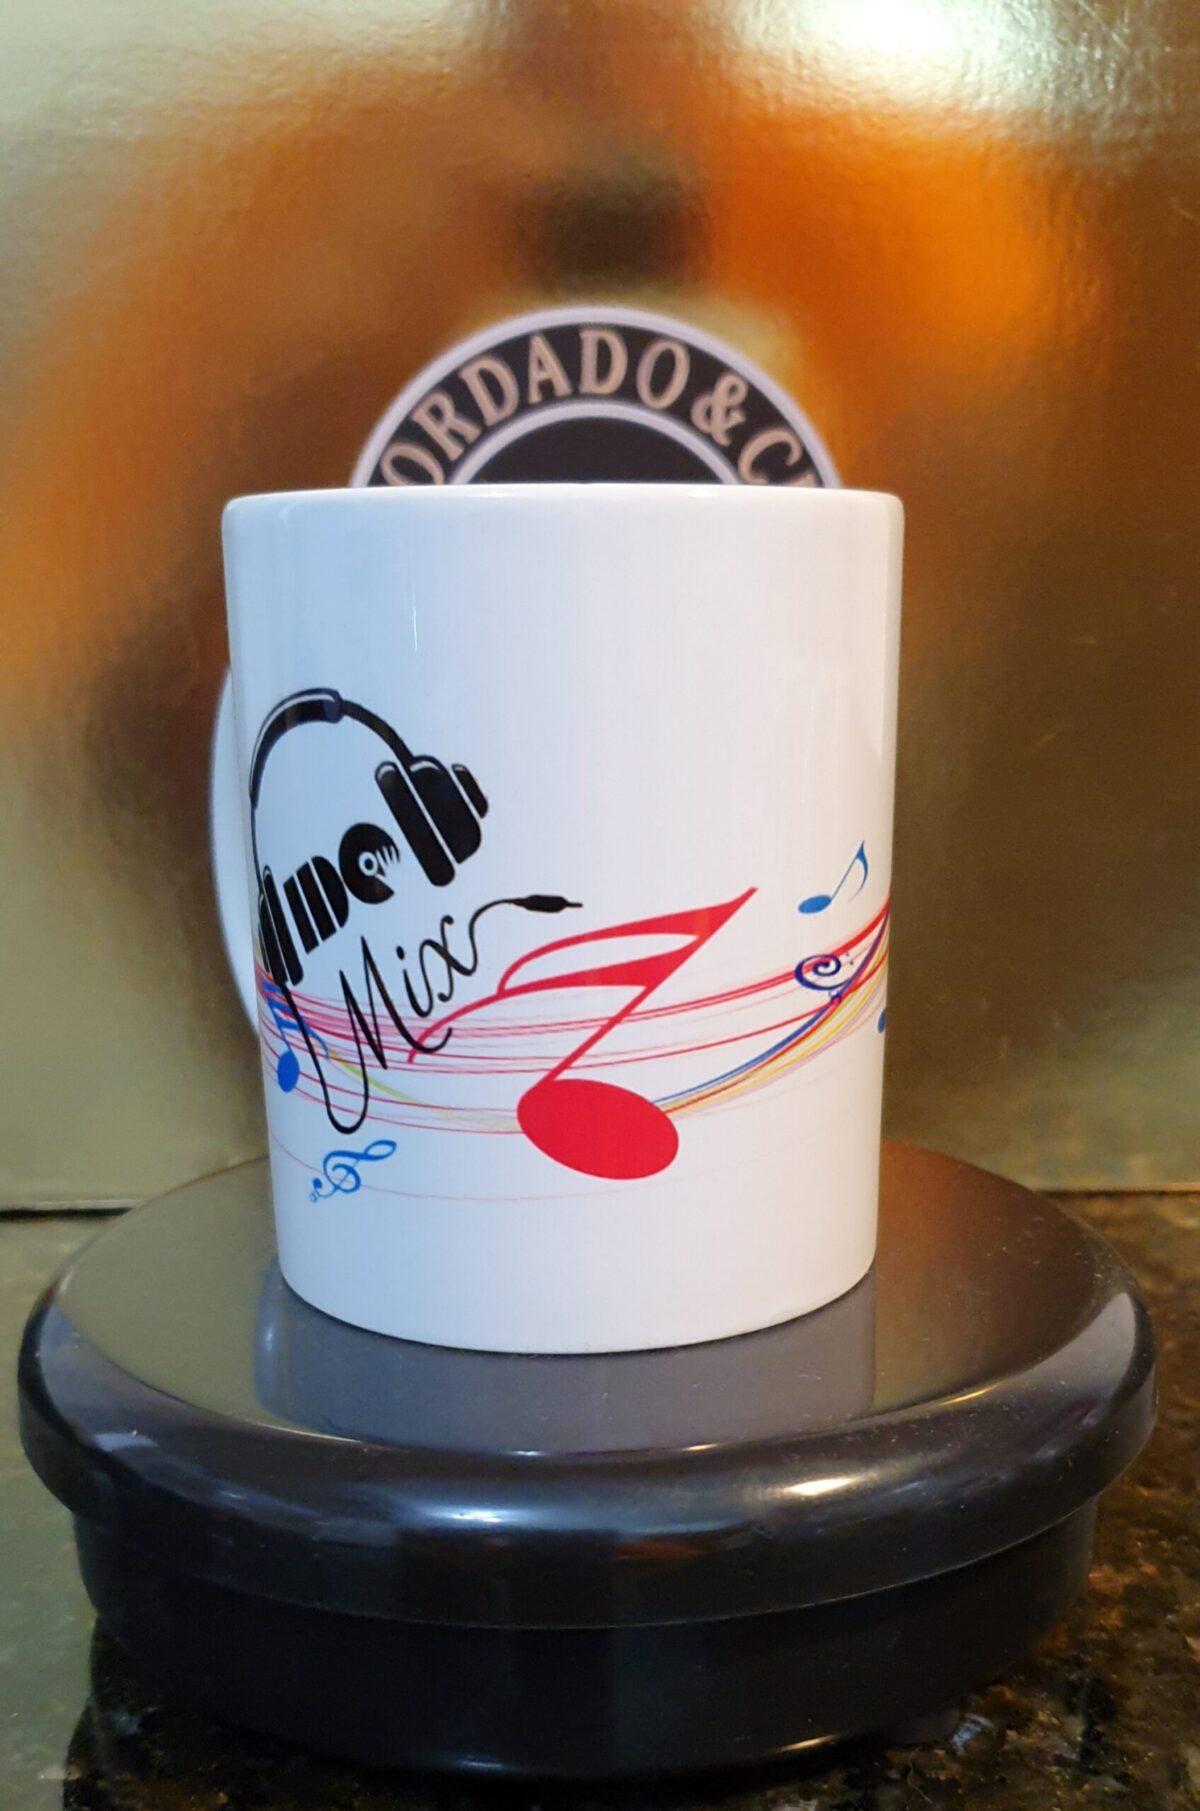 Caneca Oficial do DJ IDO MIX - Cifras Color Light - by Bordado & Cia - @bordado.cia @djidomix